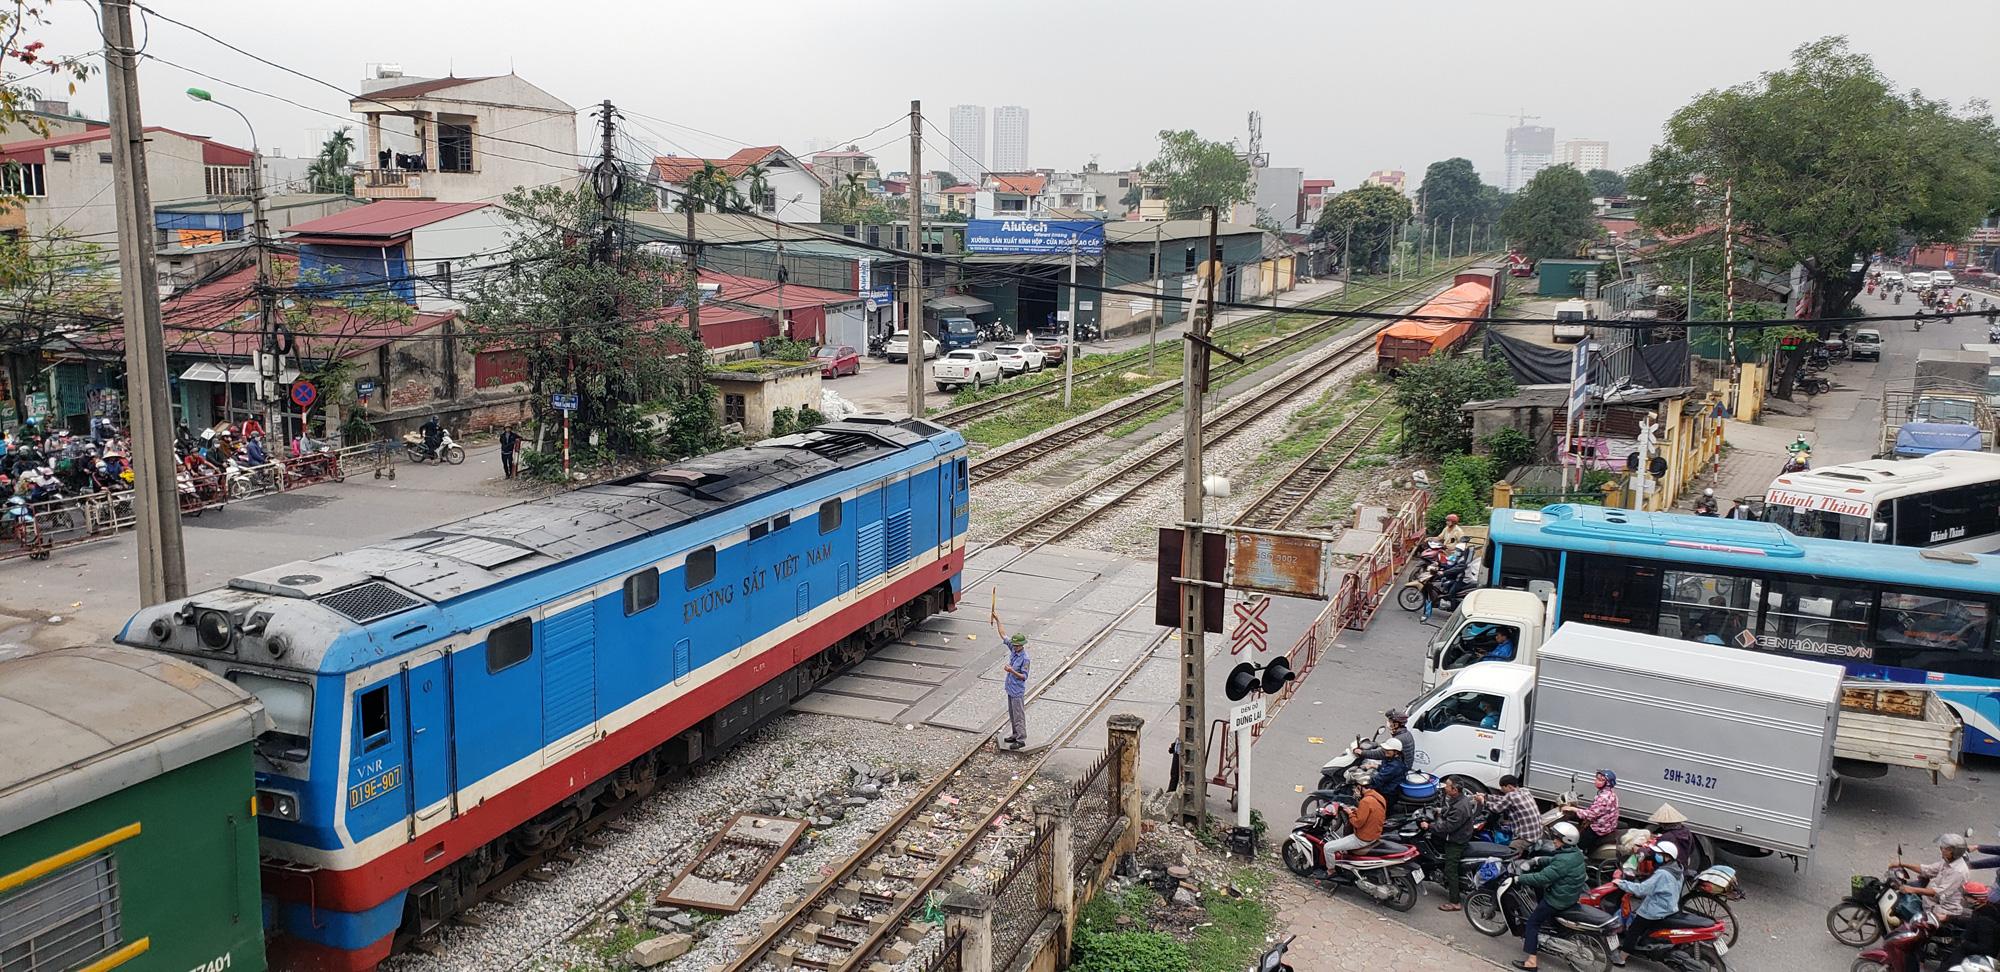 Tạm dừng toàn bộ xe hợp đồng, du lịch trên 9 chỗ, hạn chế xe khách, tàu đi và đến Hà Nội, TP HCM từ hôm nay - Ảnh 2.